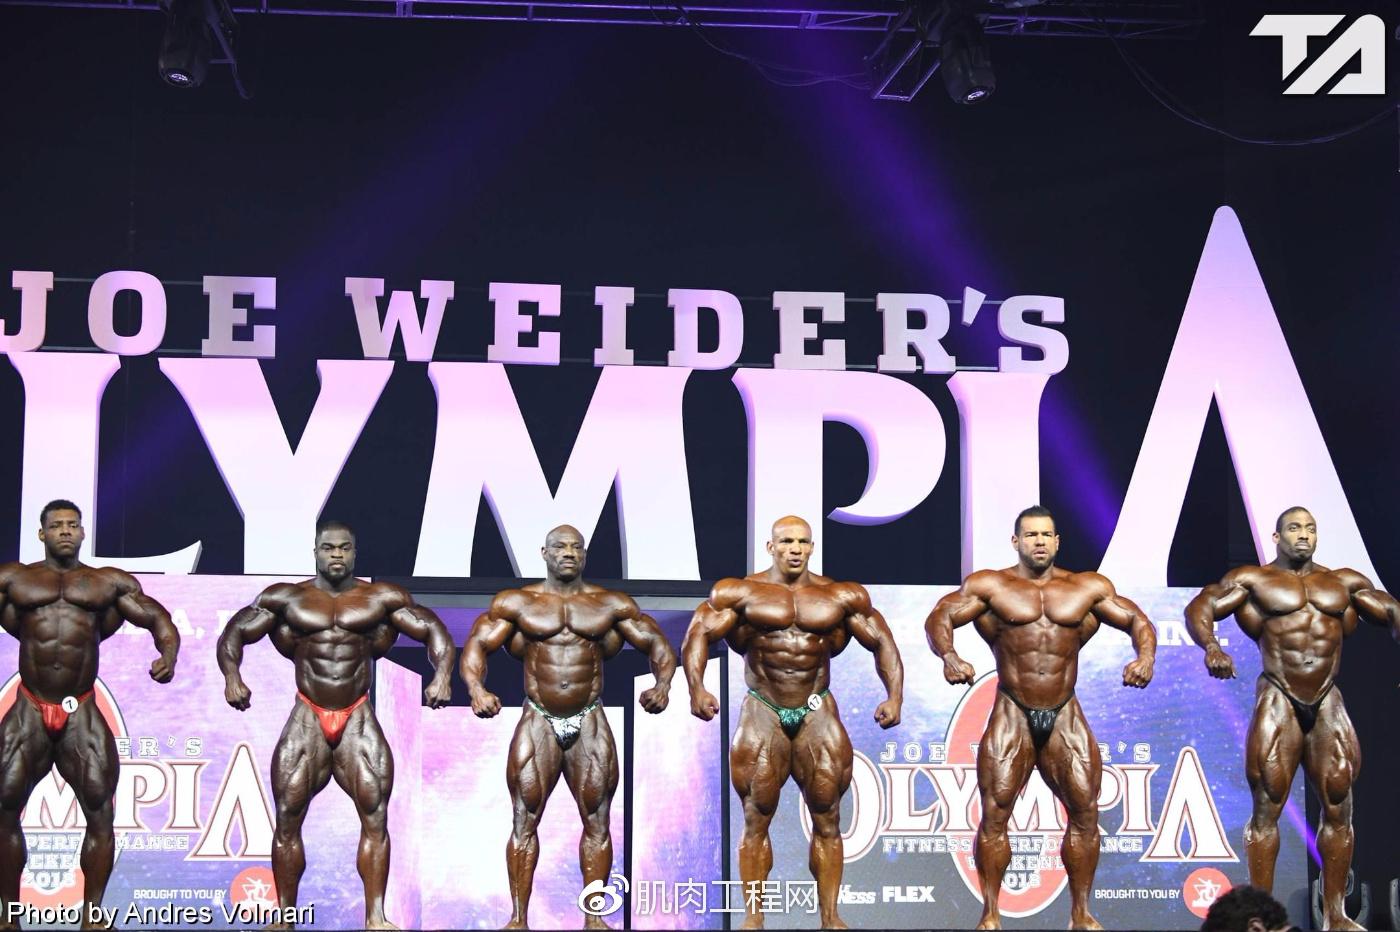 (超清大图)2018年奥赛健美组职业差别无男子级室内攀岩馆团购图片